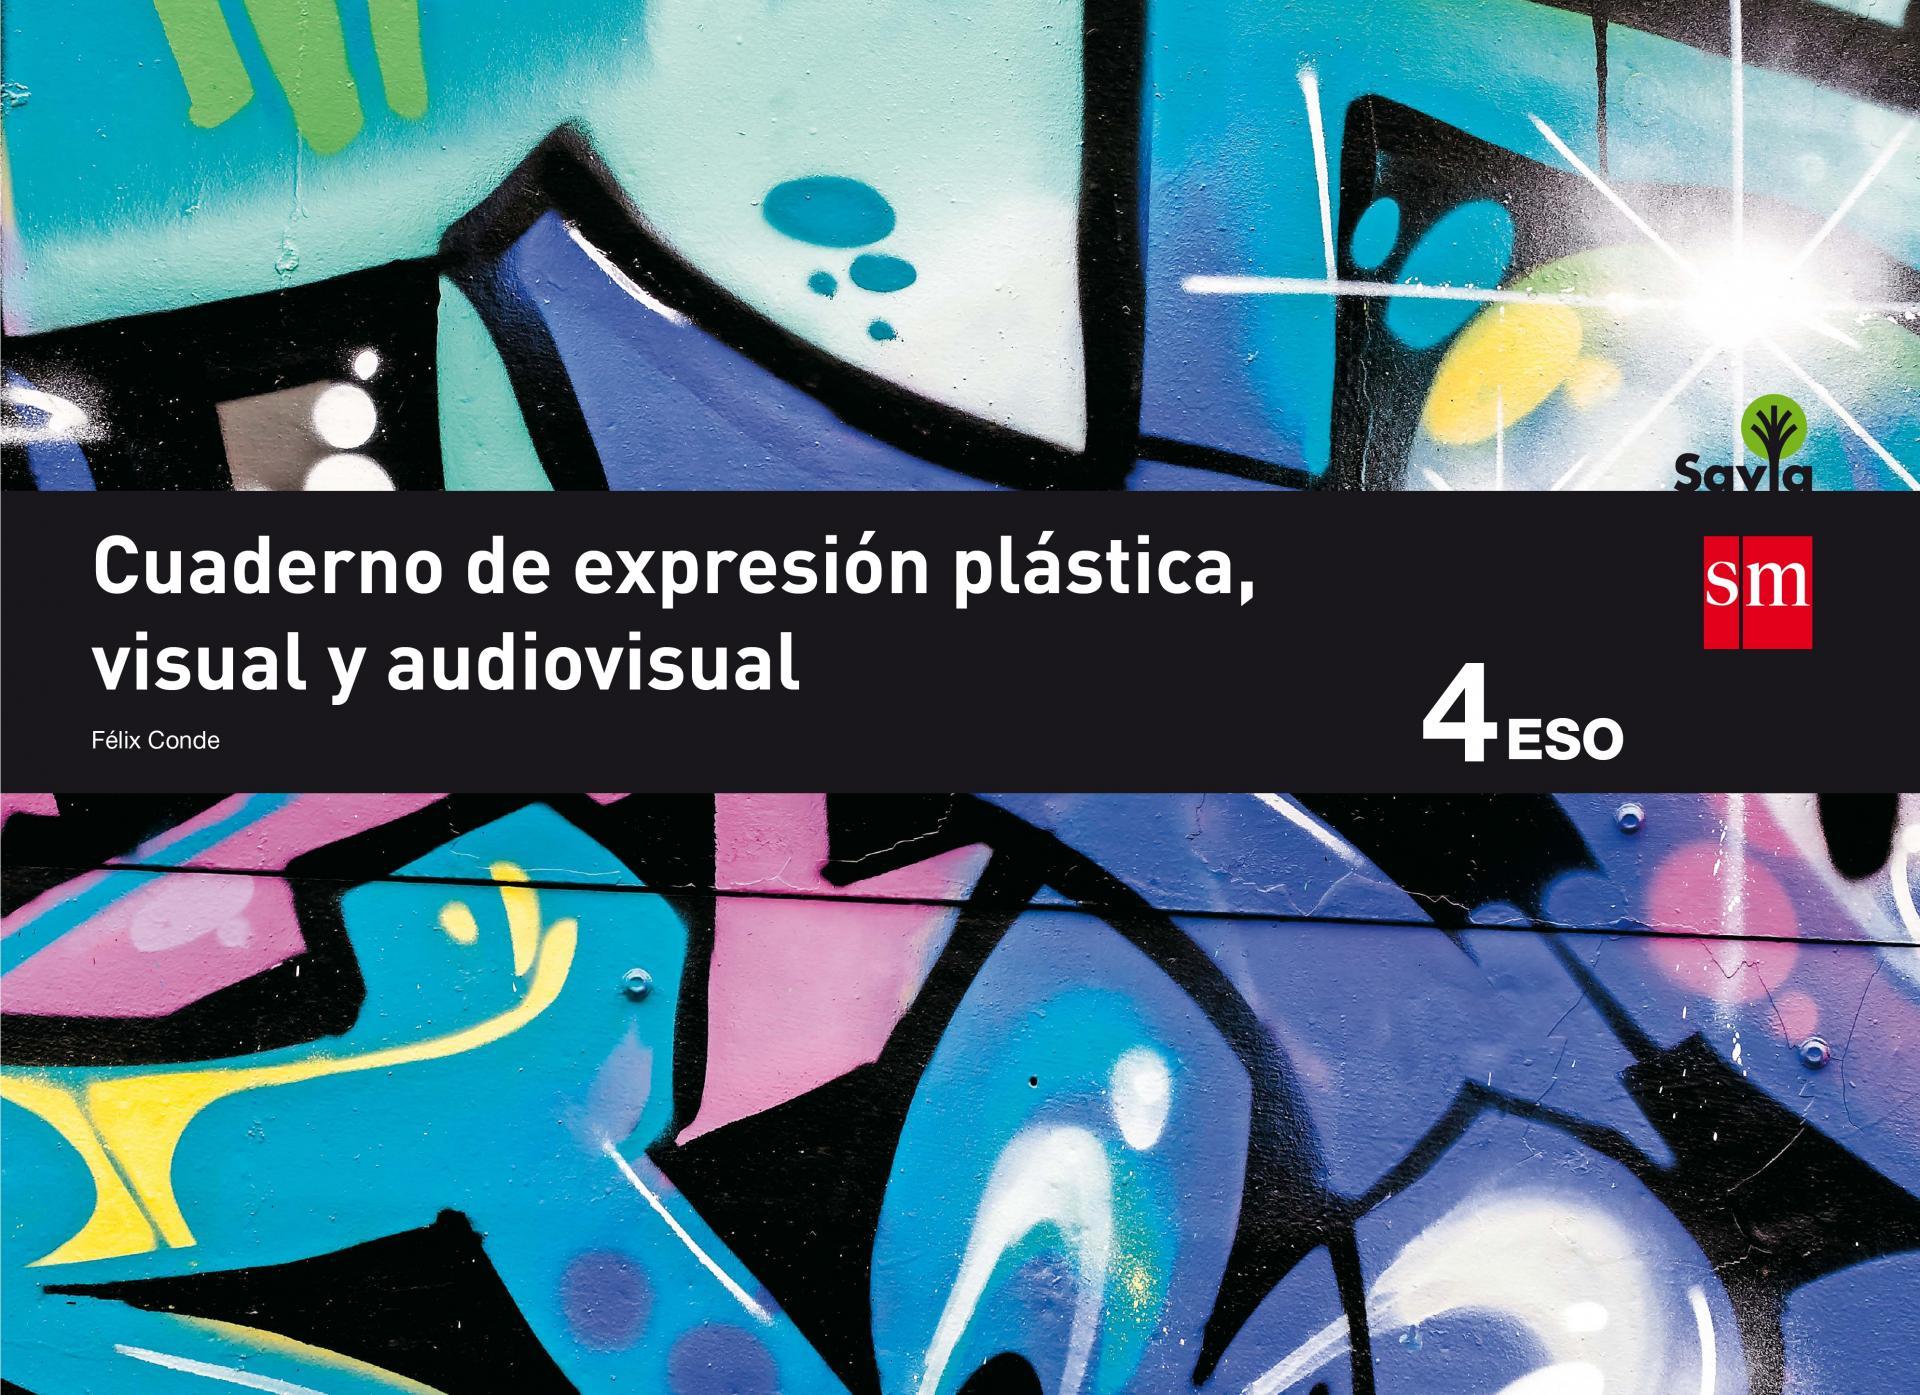 LIBRO DE TEXTO - 4 ESO CUADERNO DE EXPRESIÓN PLÁSTICA. SAVIA